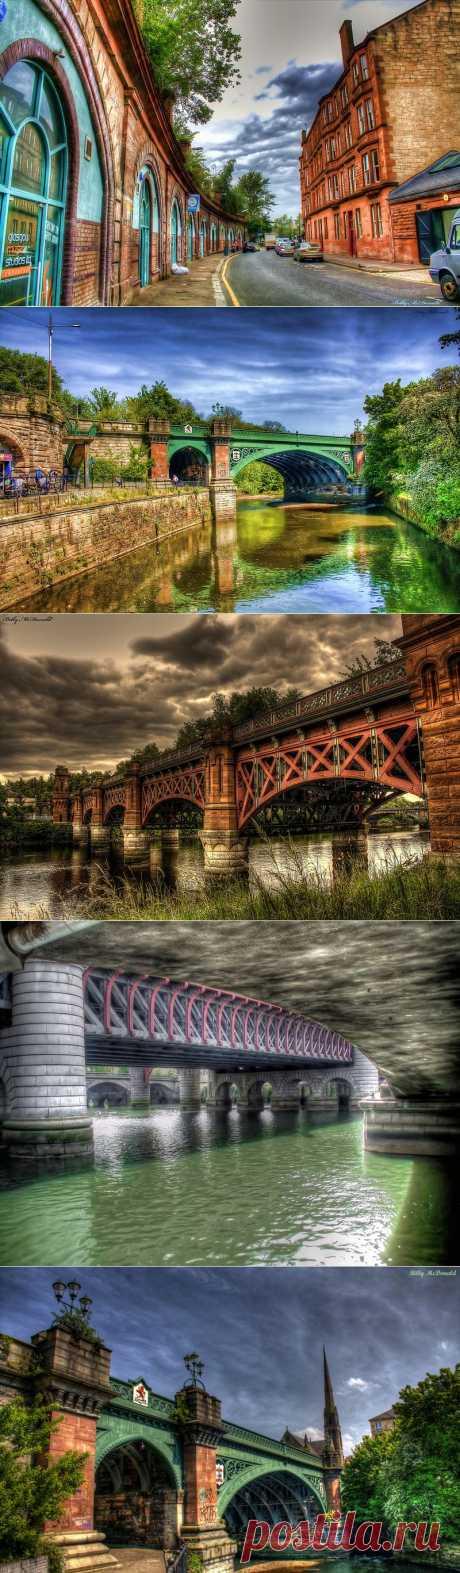 HDR снимки Глазго, фотограф Billy McDonald | Newpix.ru - позитивный интернет-журнал